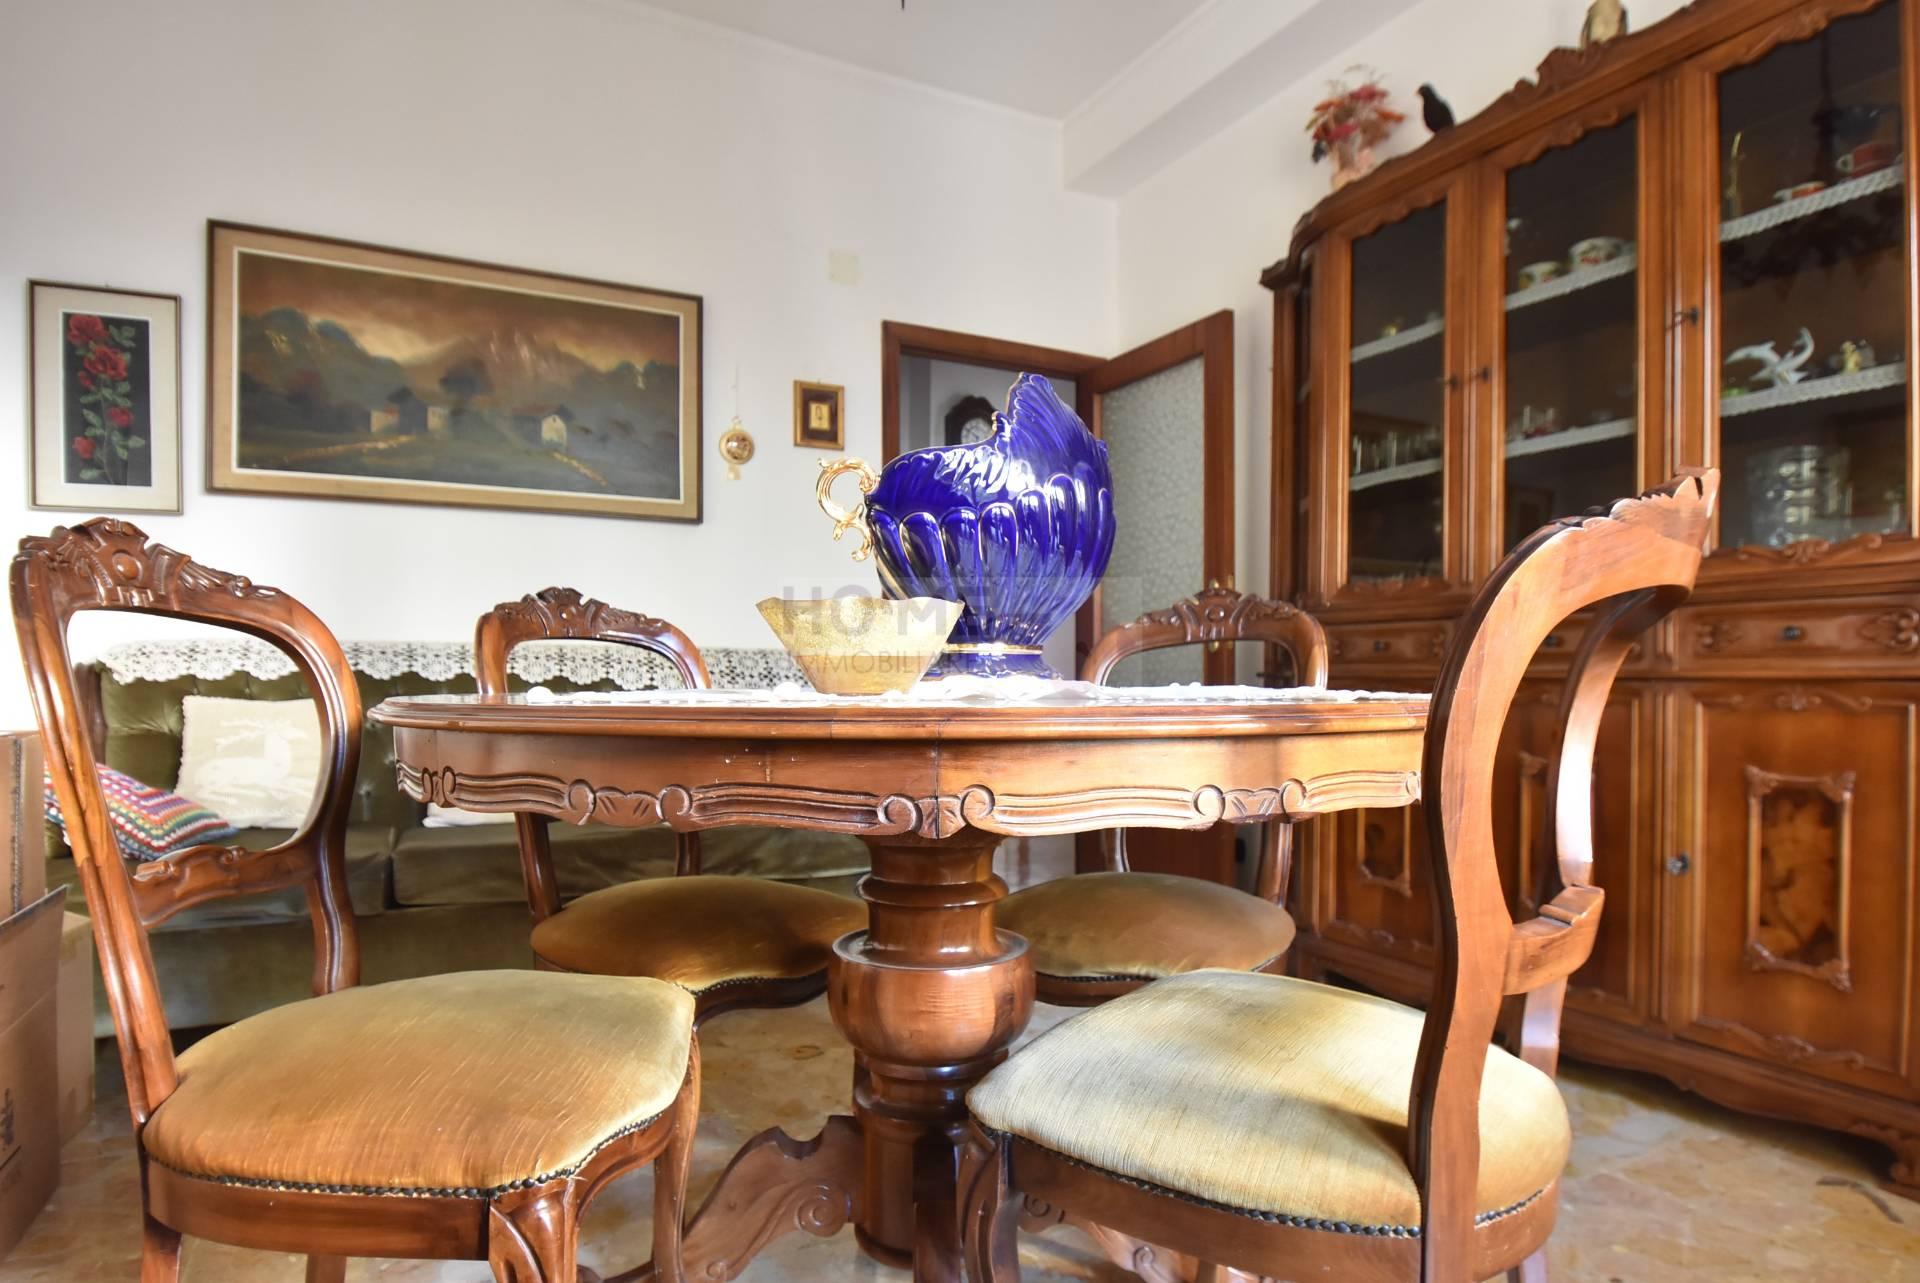 Appartamento in vendita a Macerata, 5 locali, zona Località: zonaColleverde, prezzo € 92.000 | Cambio Casa.it